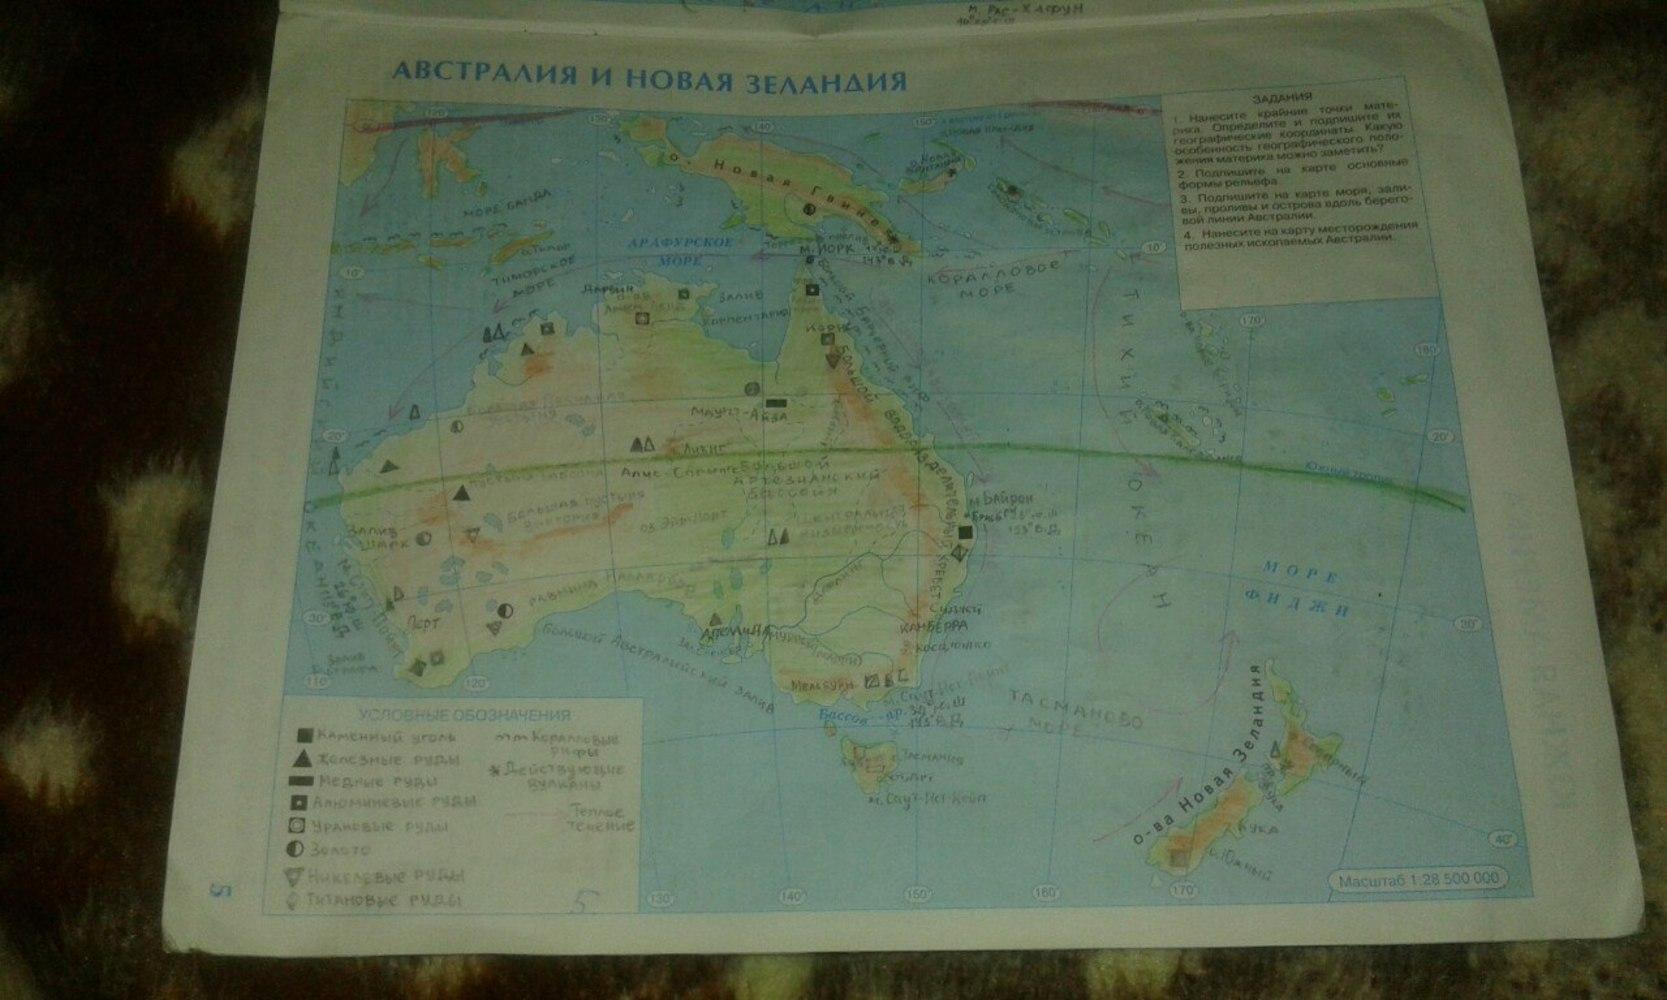 решебник по географии 7 класс контурная карта австралия и новая зеландия